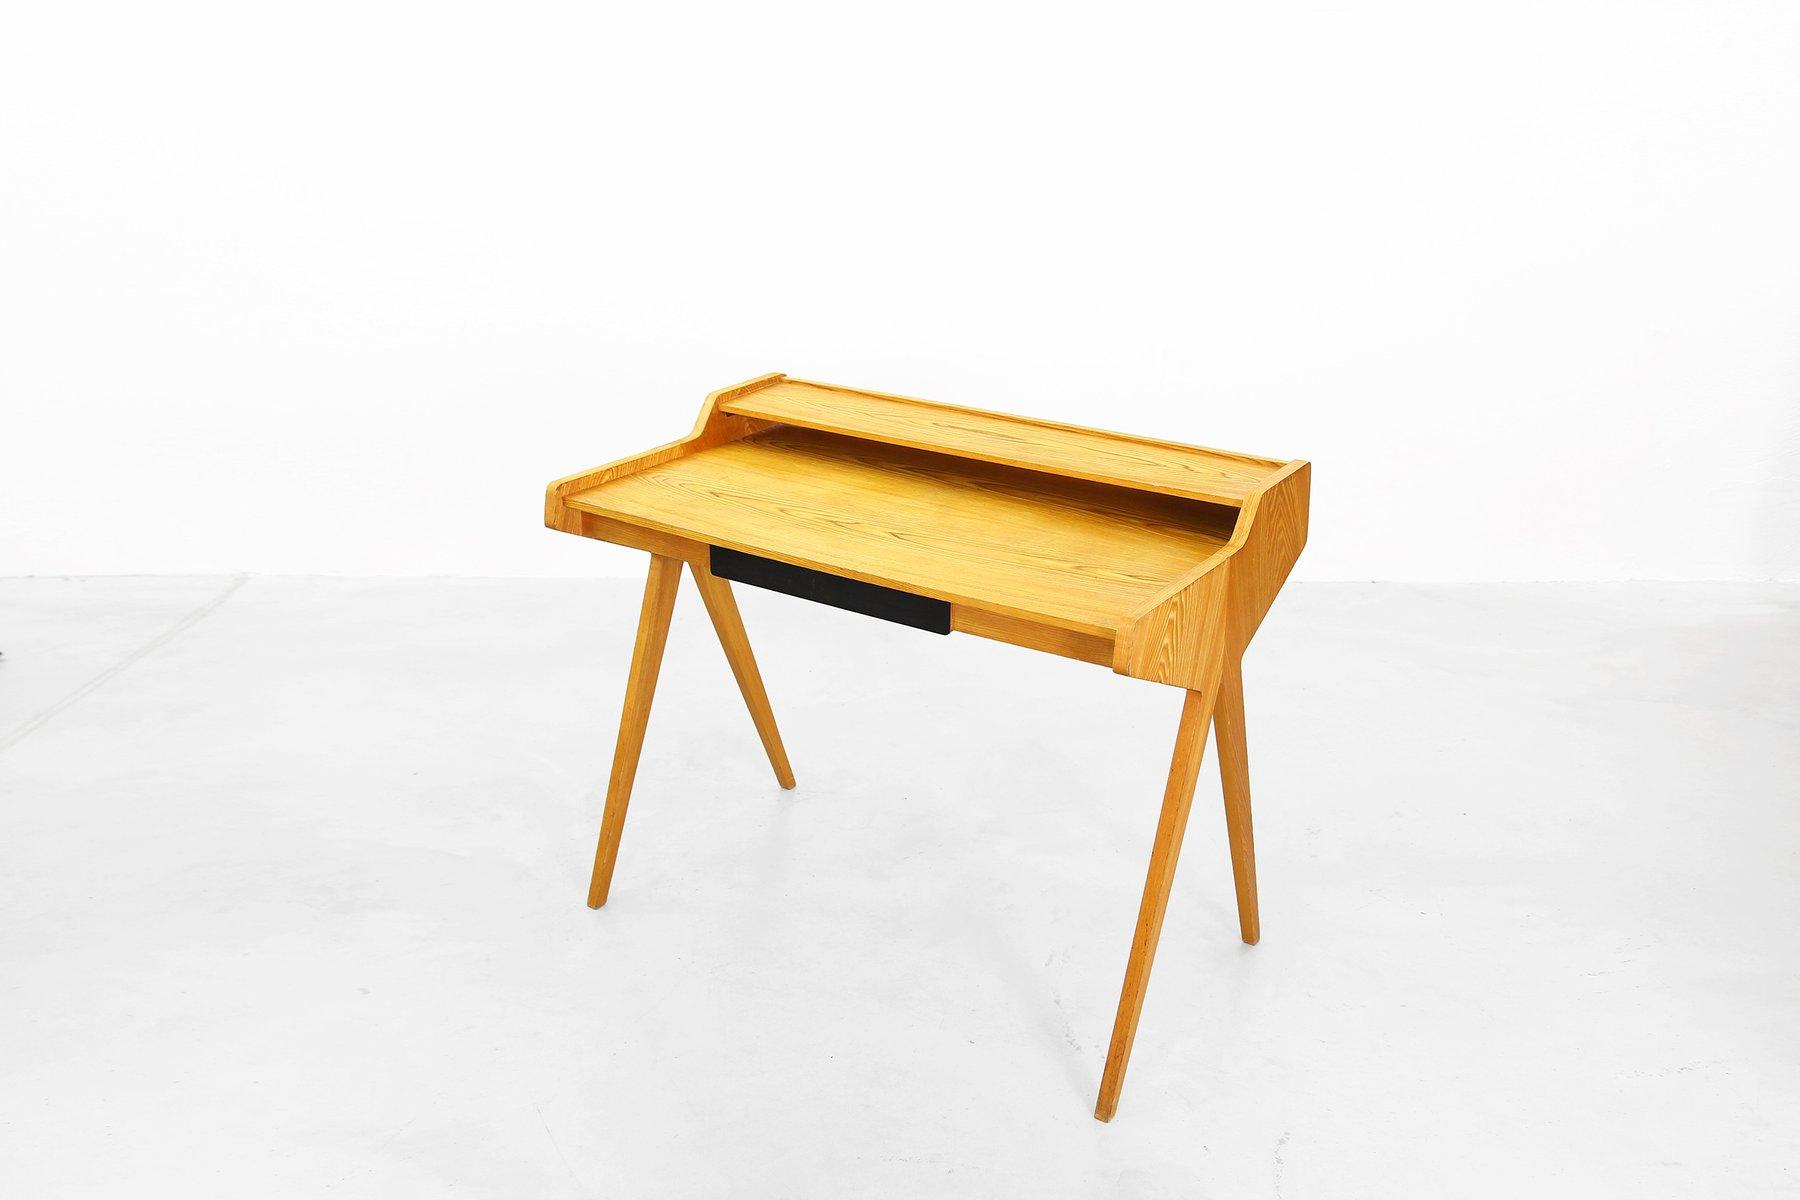 mid century schreibtisch von helmut magg f r wk m bel bei pamono kaufen. Black Bedroom Furniture Sets. Home Design Ideas